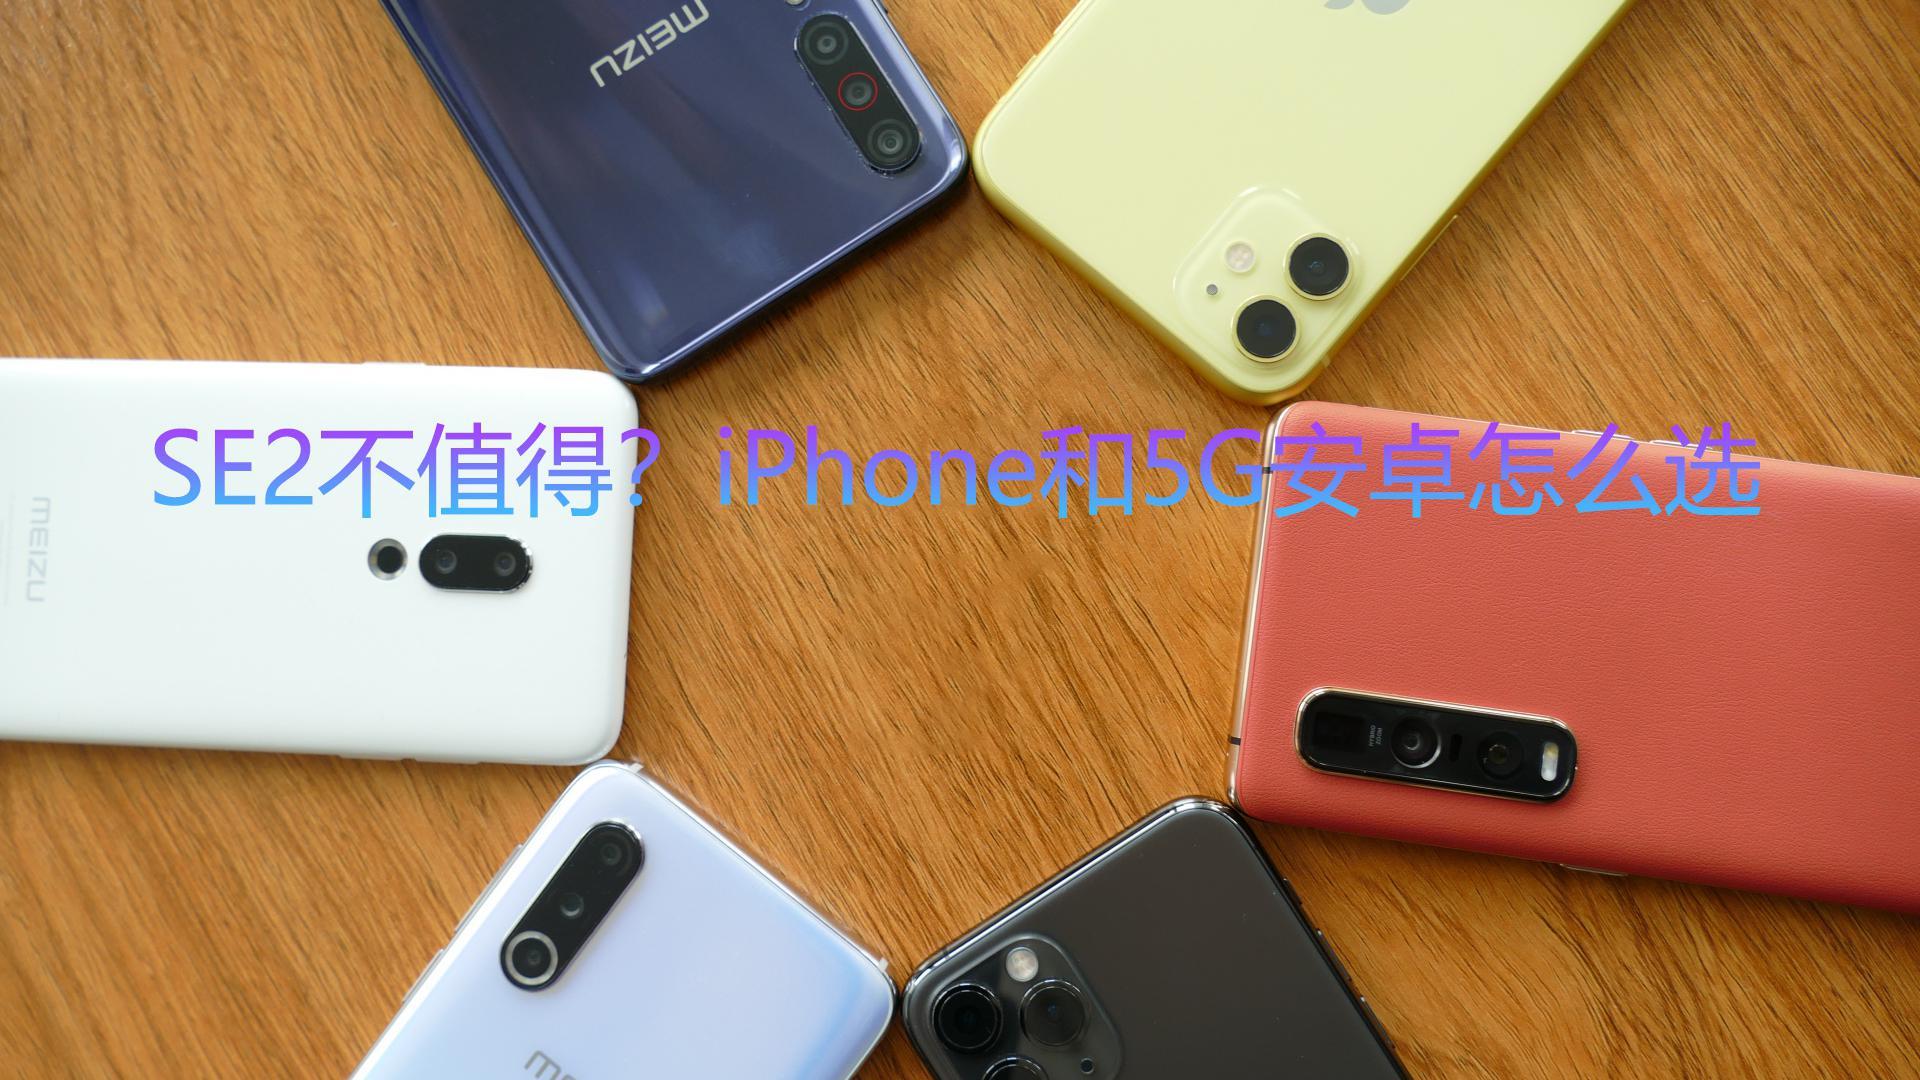 iPhoneSE2和安卓5G旗舰之间抉择的方法论